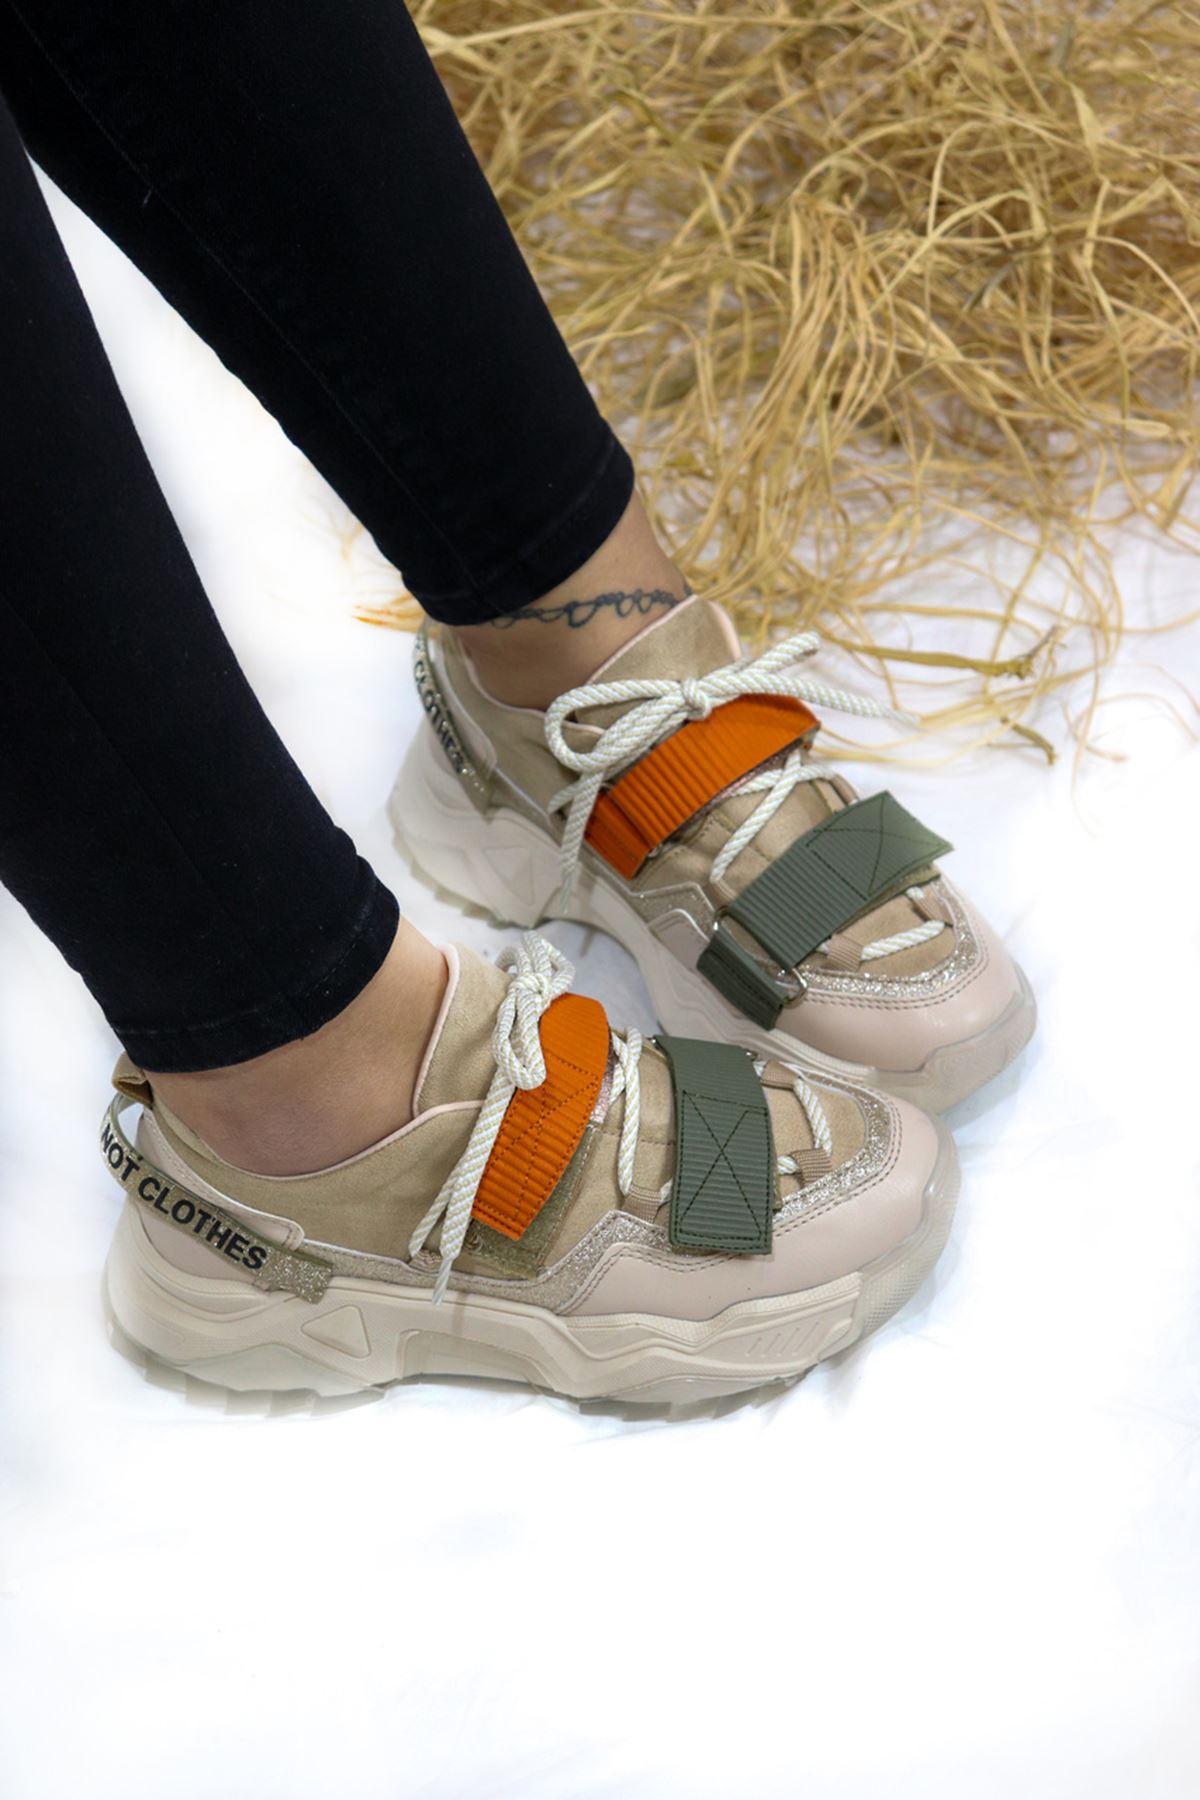 Trendayakkabı - Vizon Kadın Spor Ayakkabı